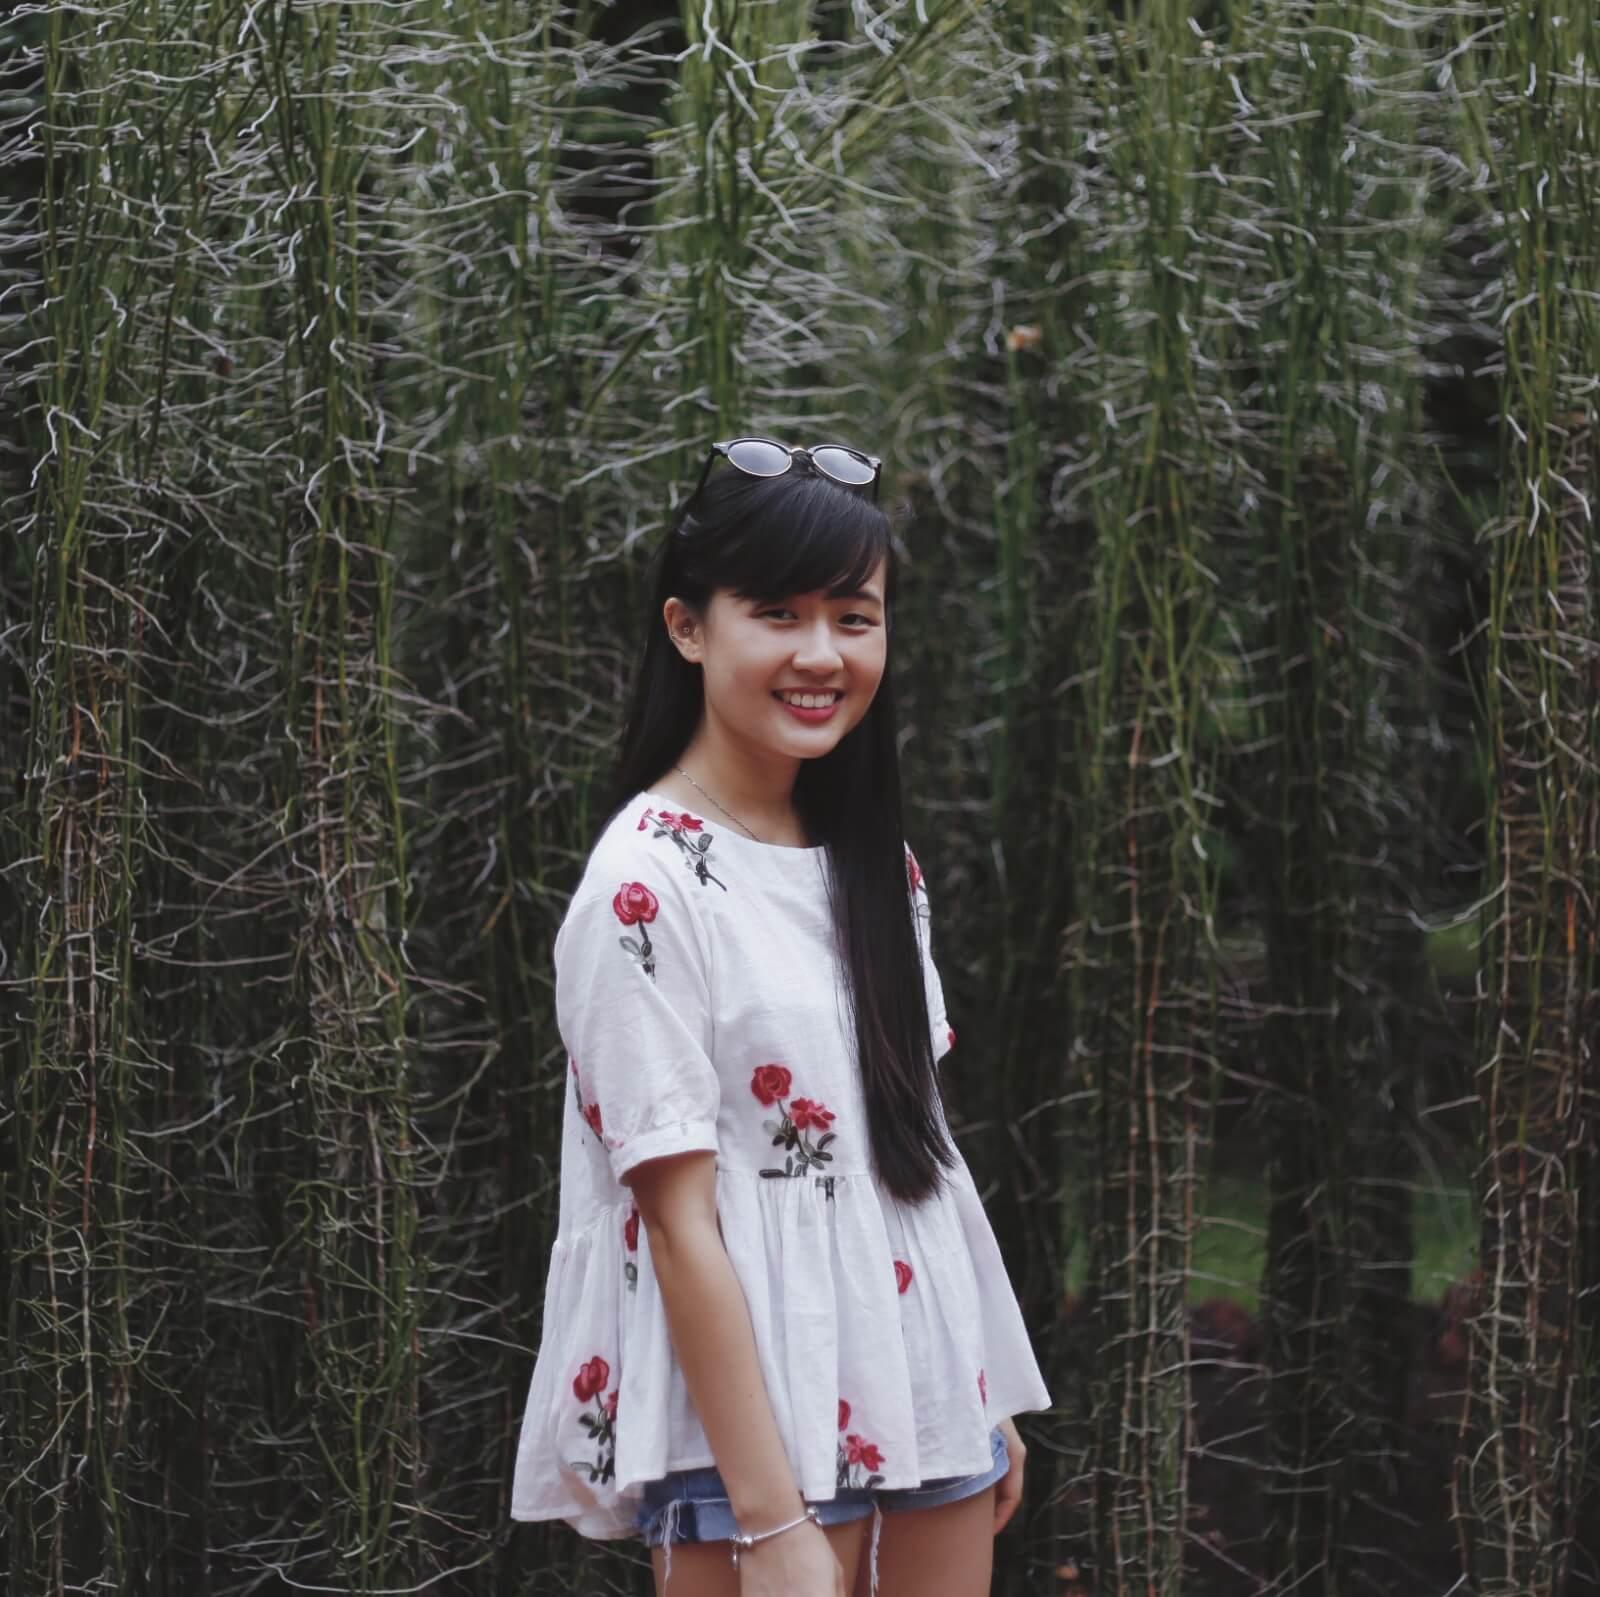 Yuan Teng